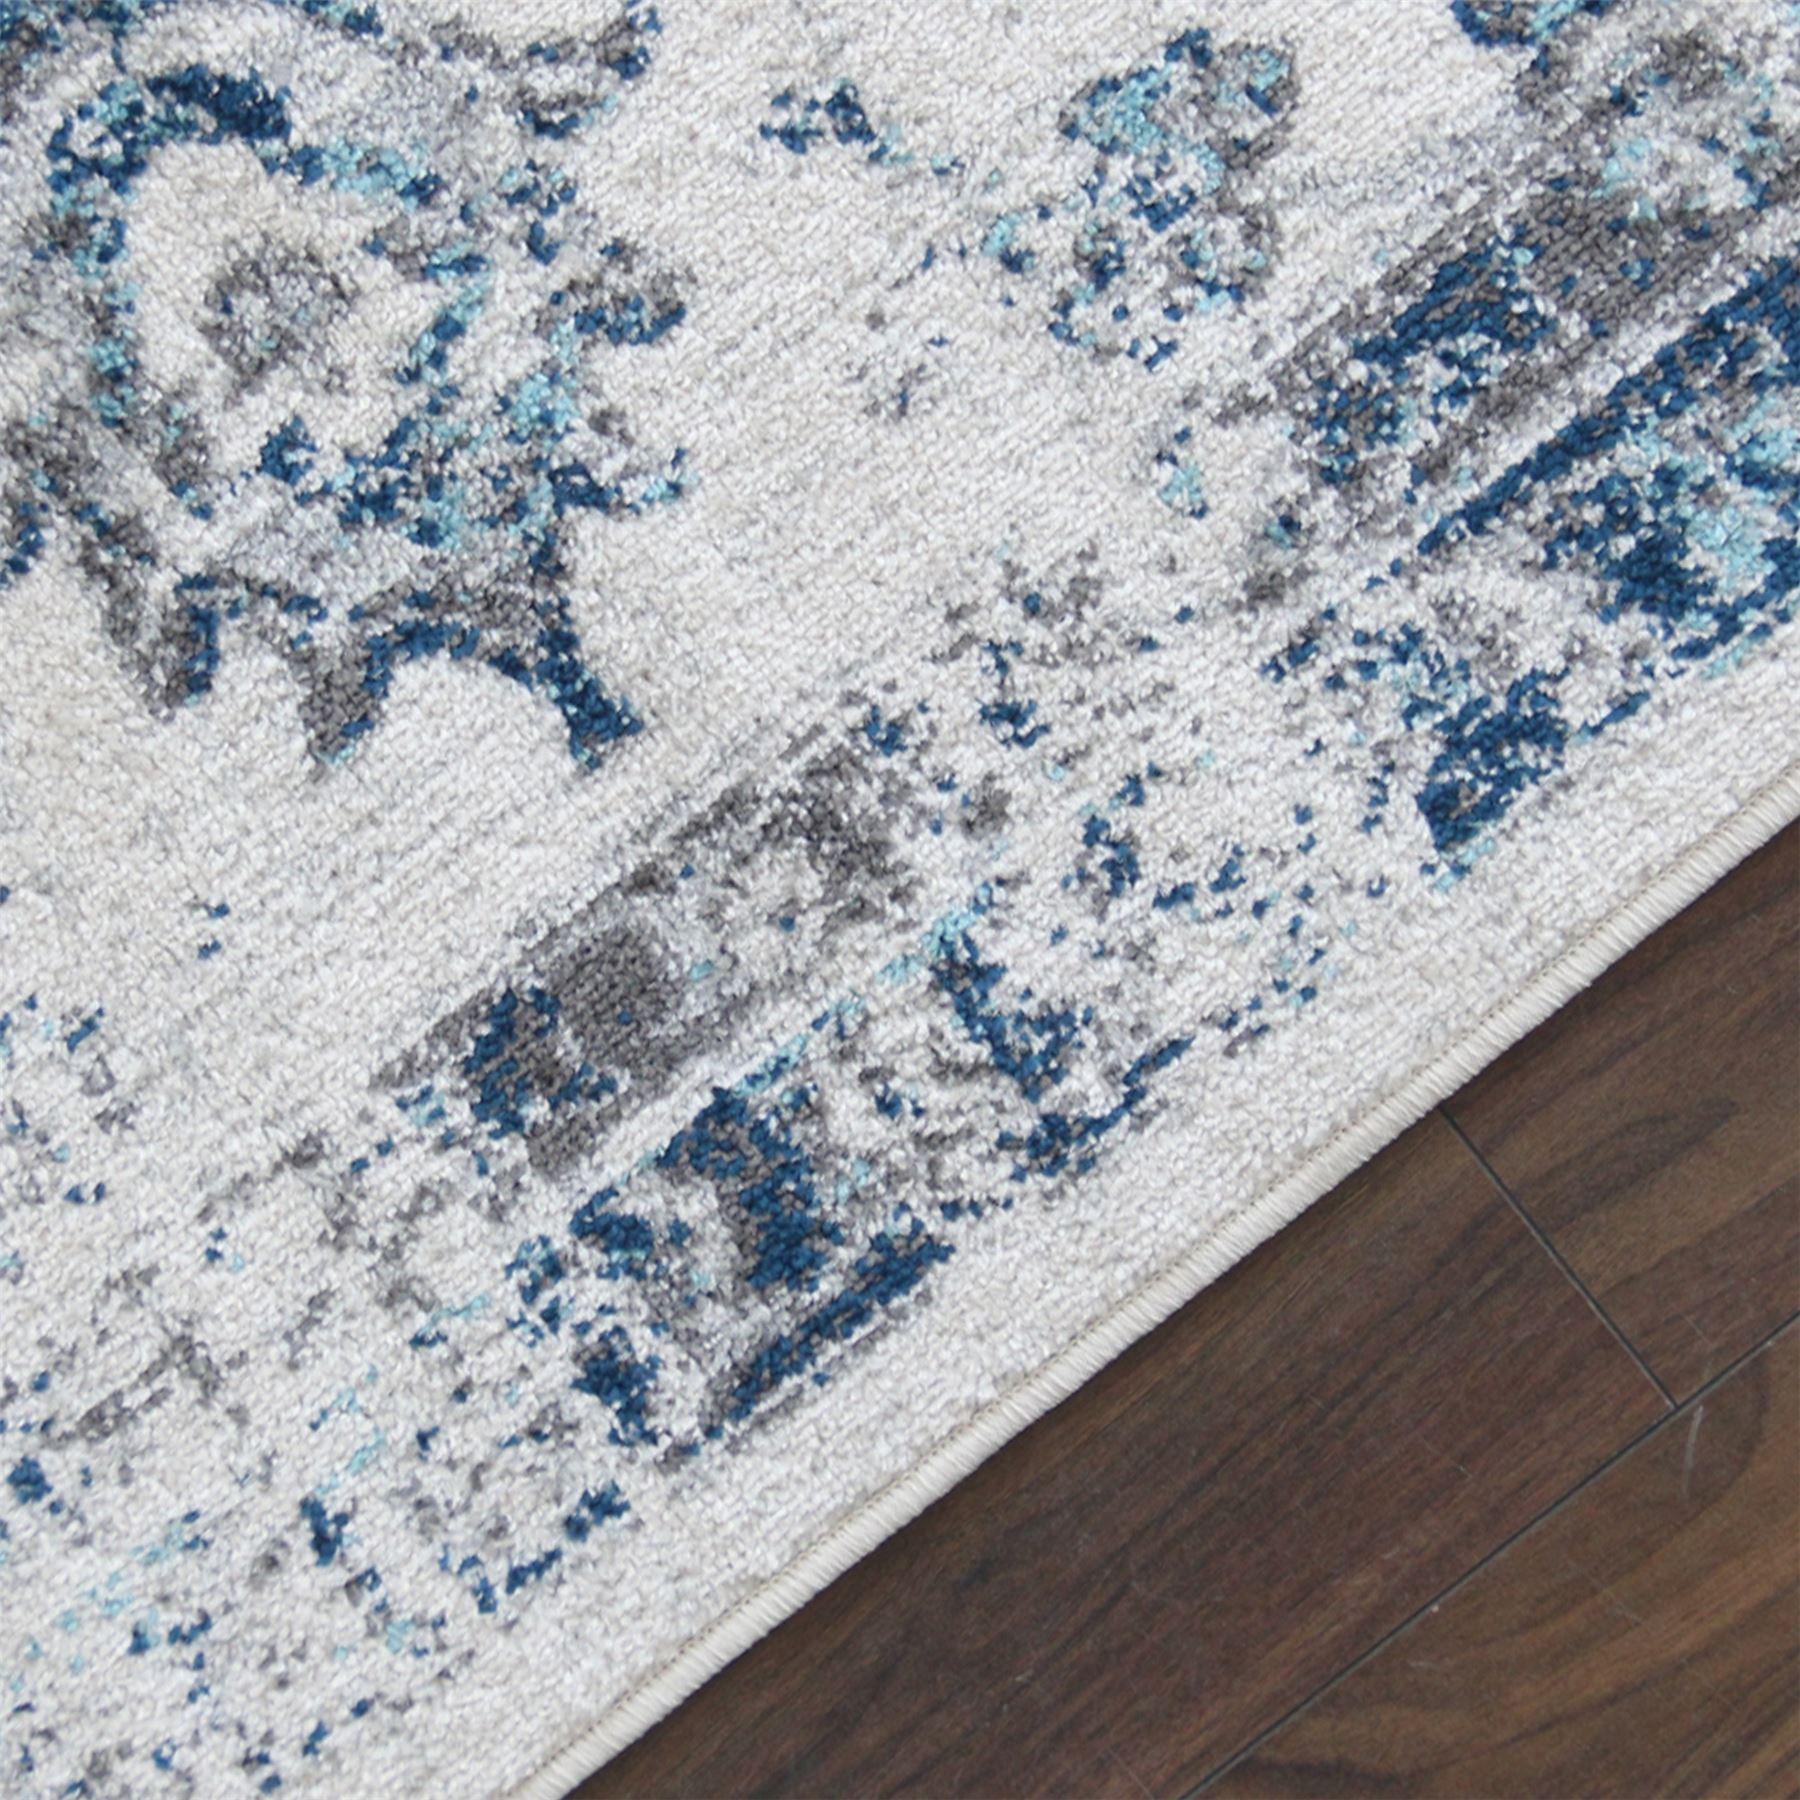 A2Z-Grande-Crema-Avorio-Blu-TRADIZIONALE-DESIGN-VINTAGE-tappeti-persiani-TAPPETI-CAMERA miniatura 5